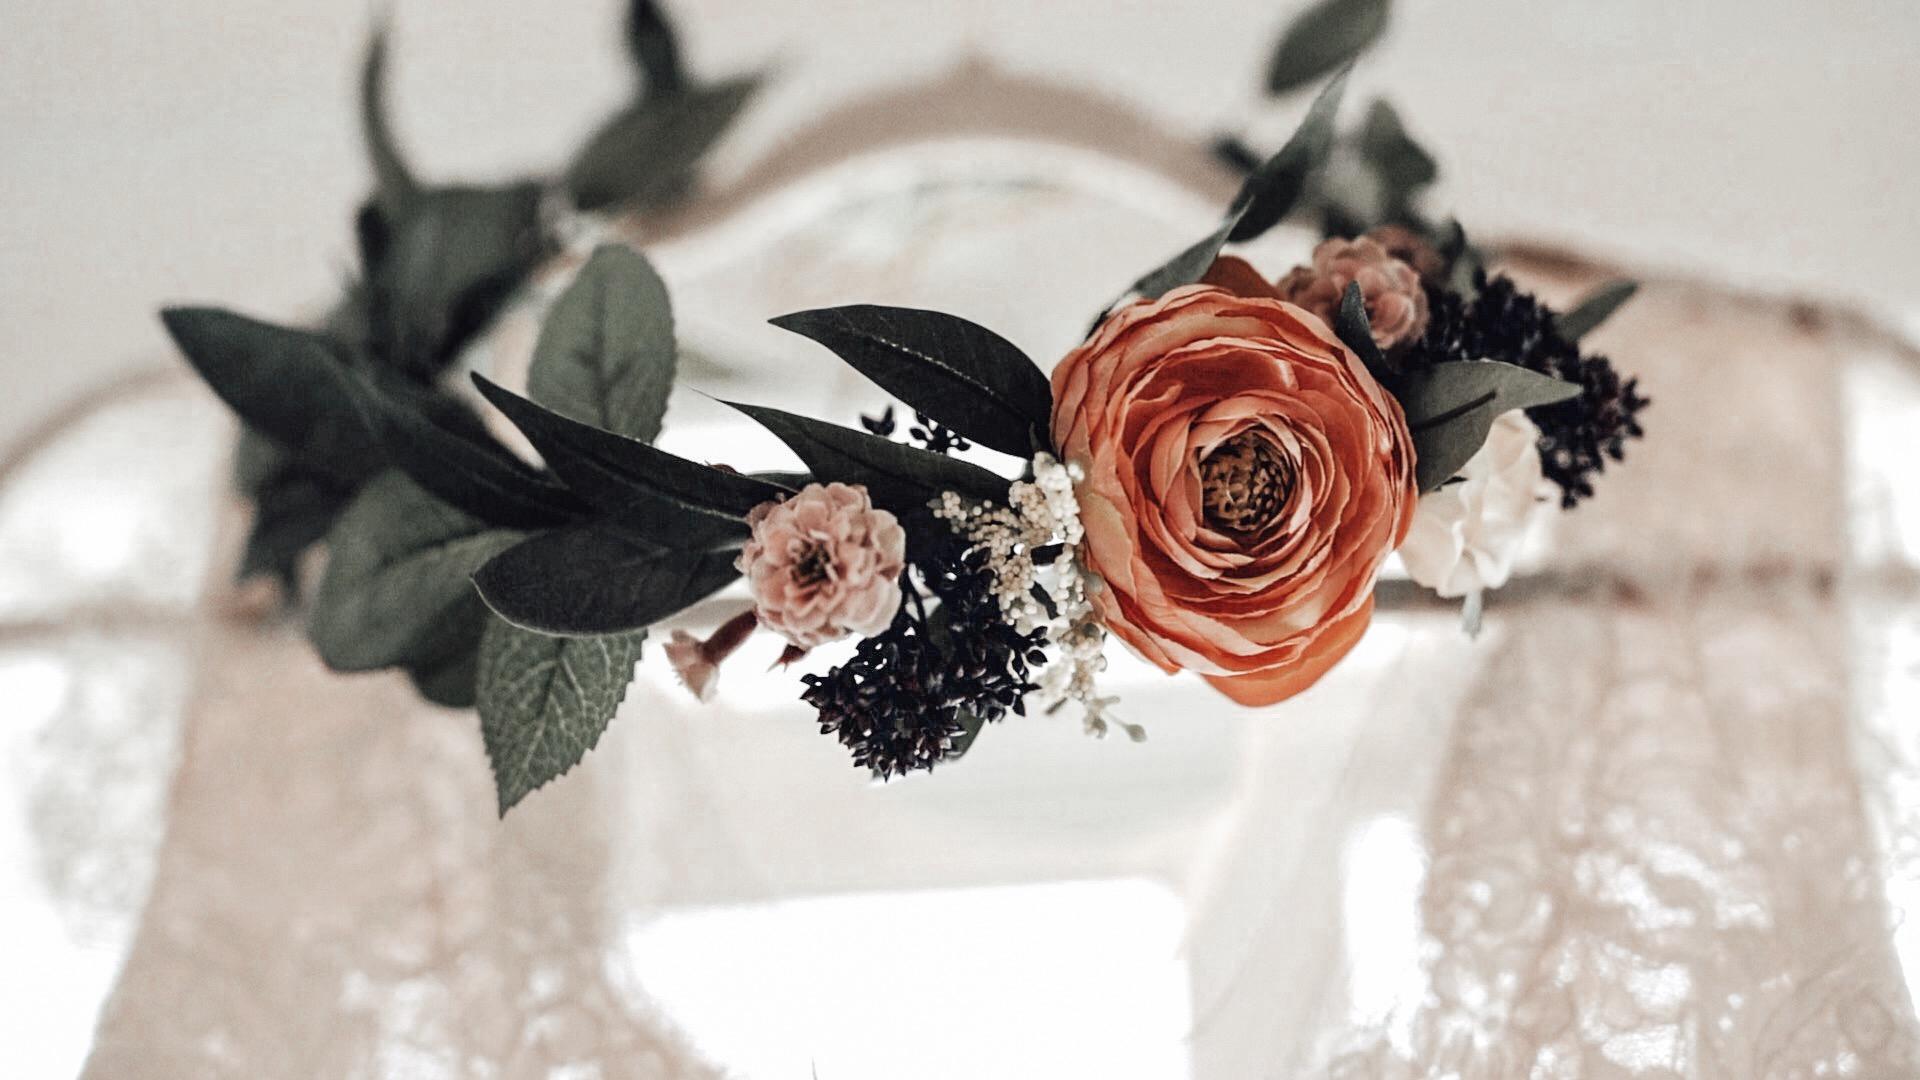 Miller_Wedding_Final_Thumbnail 2.jpg